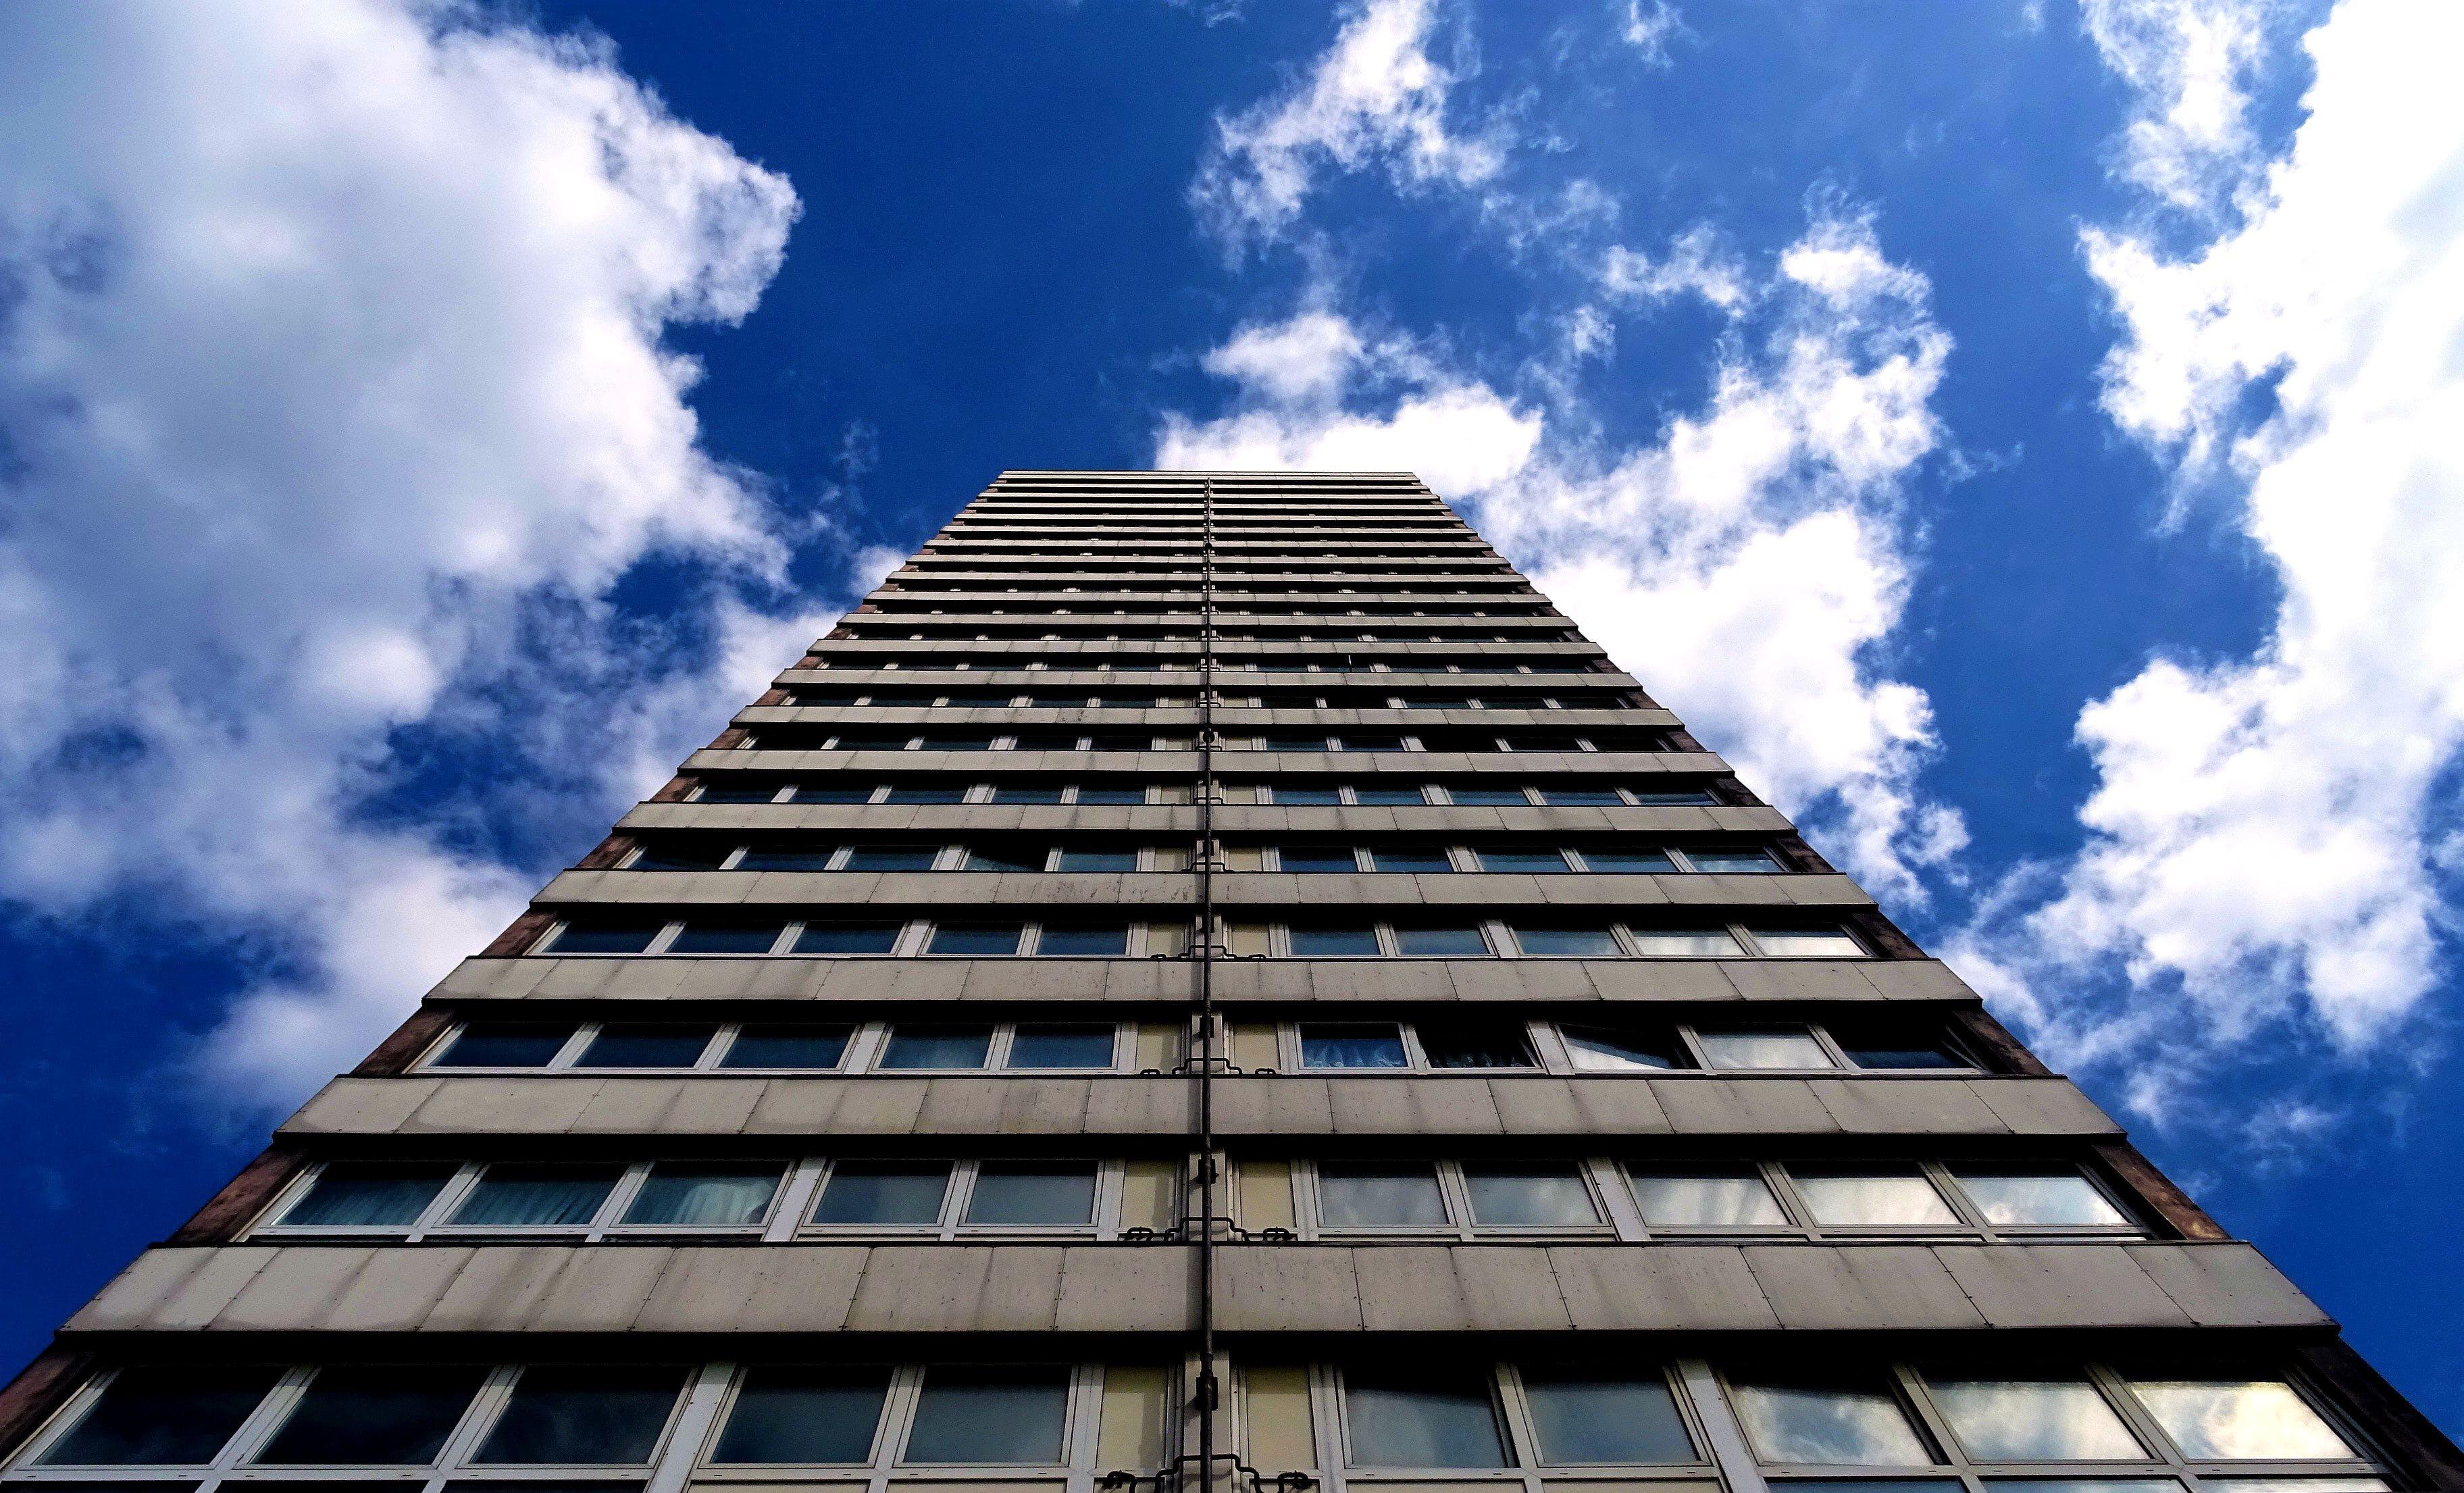 Kostenloses Stock Foto zu architektur, aufnahme von unten, außen, bau